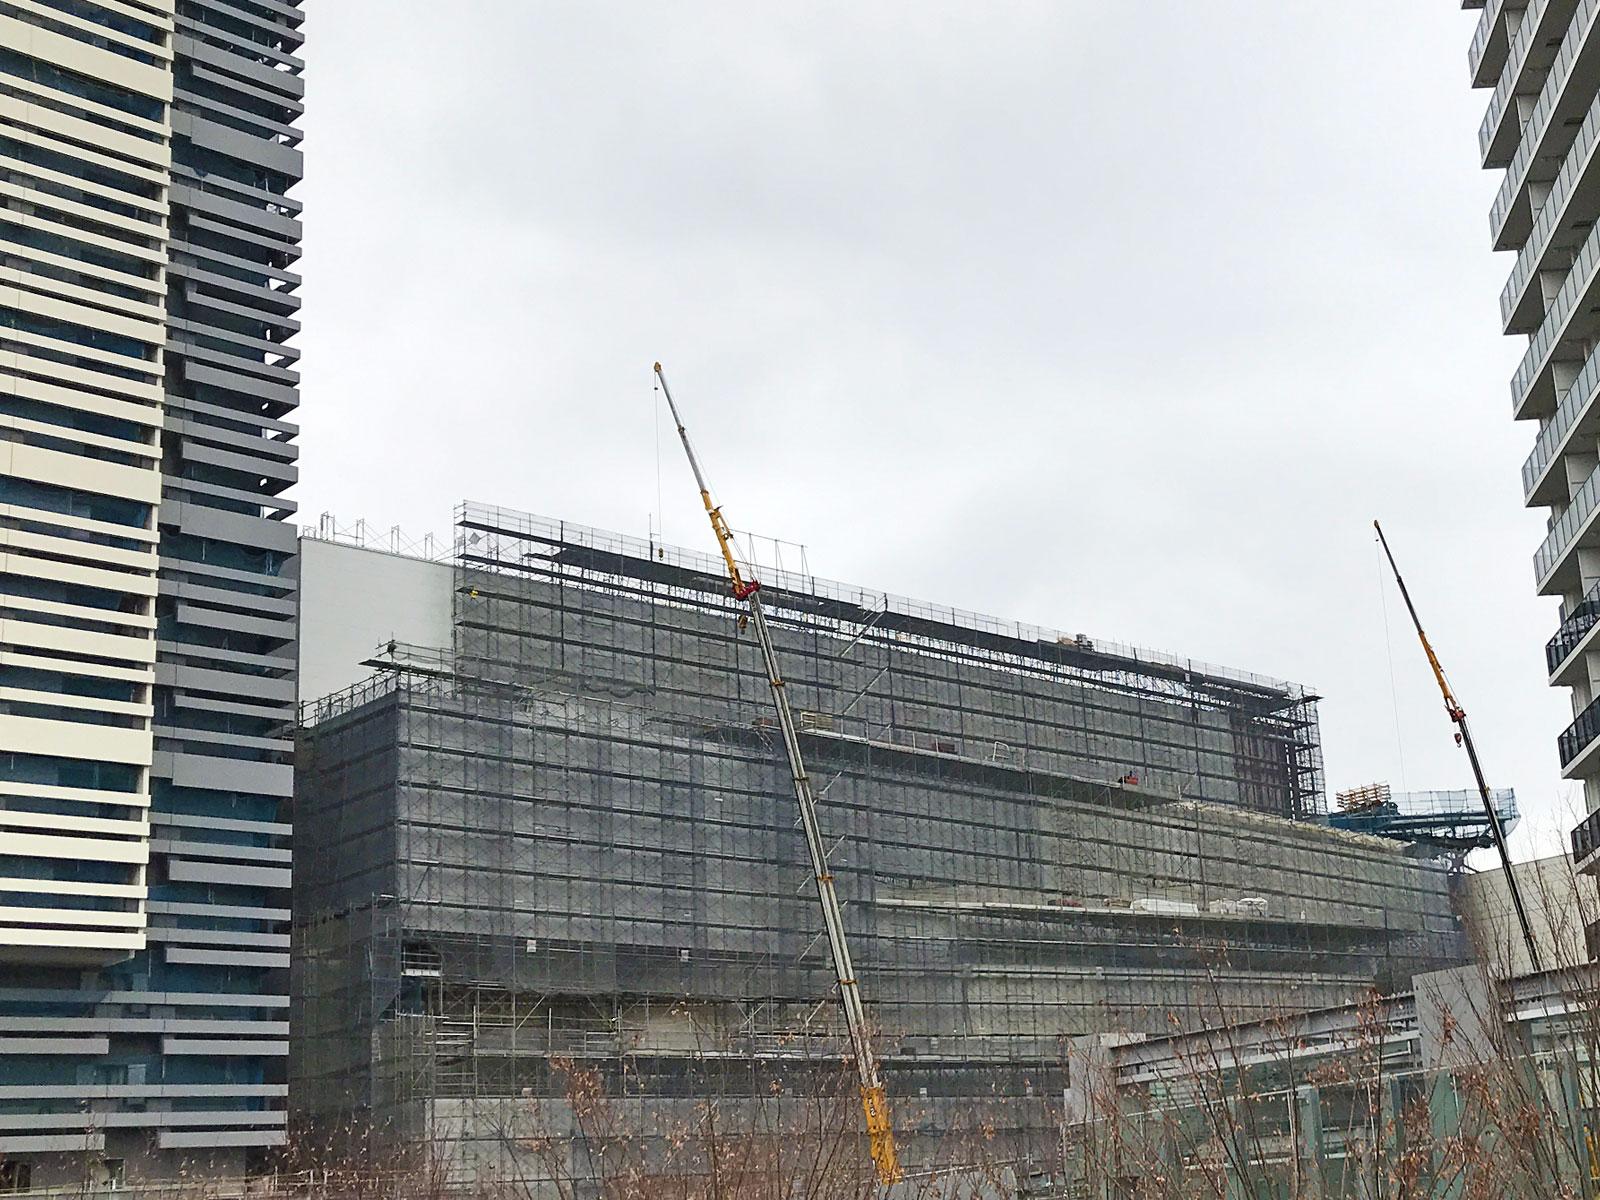 周辺商業施設の建設現場 有明に劇場型イベントホール「東京ガーデンシアター」が2020年5月誕生。